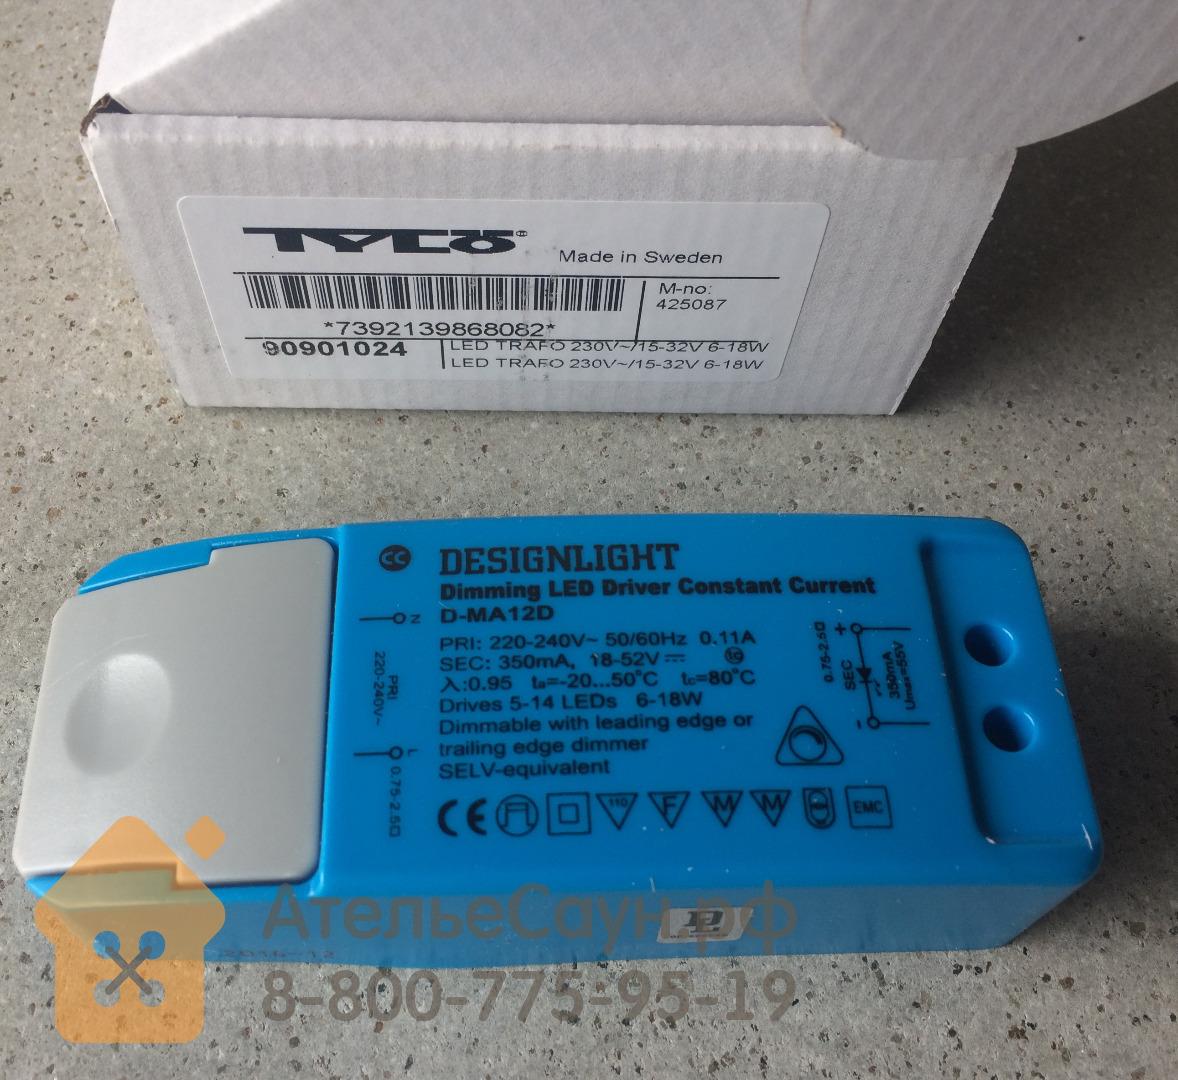 Трансформатор Tylo для Led-подсветки (230V-/15-32V, 5-12 Вт, 4-10 Led, арт. 90901024)